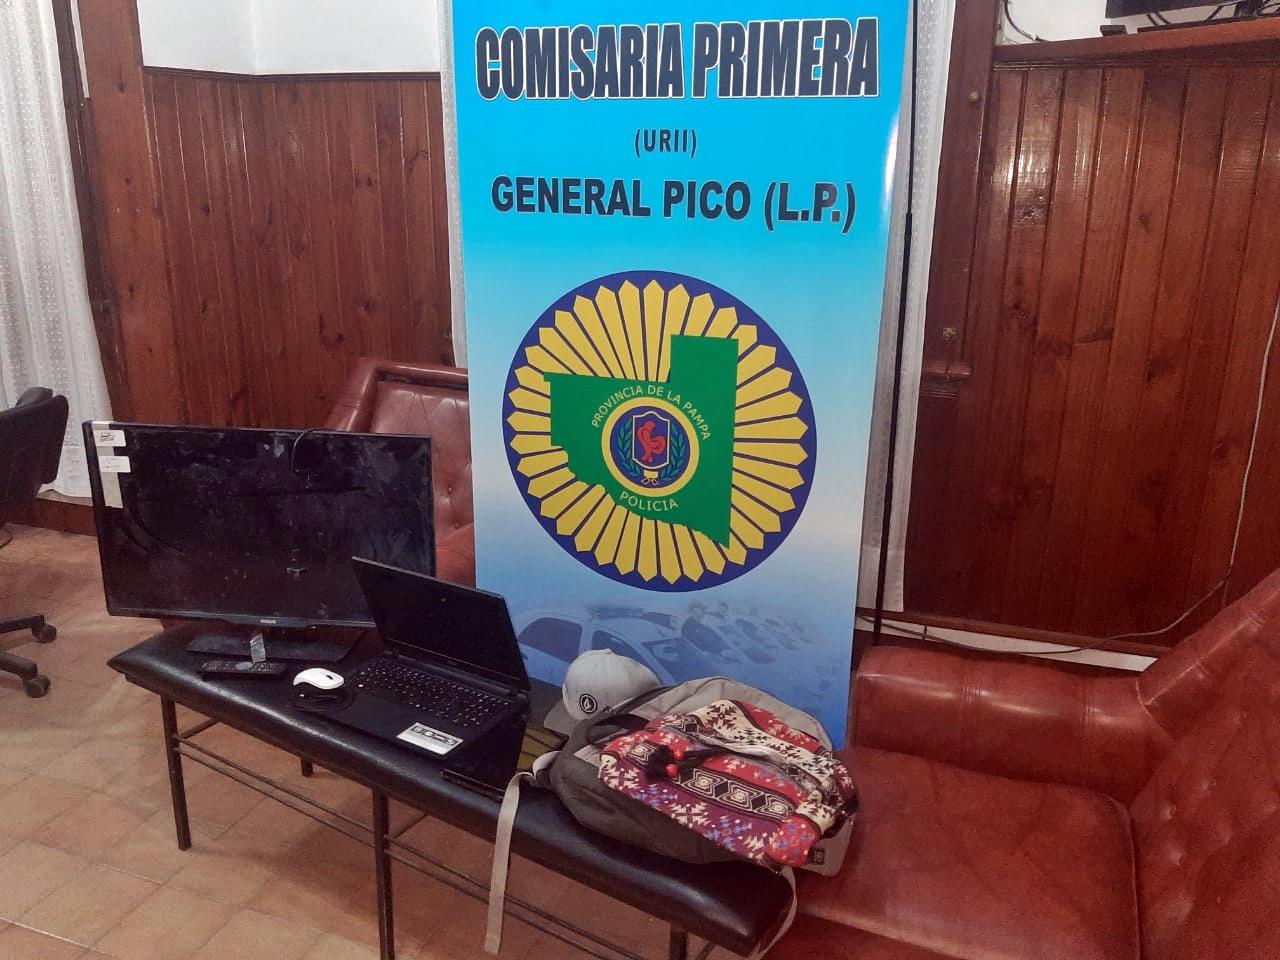 Allanan depósito de muebles y recuperan televisor, computadora y otros elementos robados